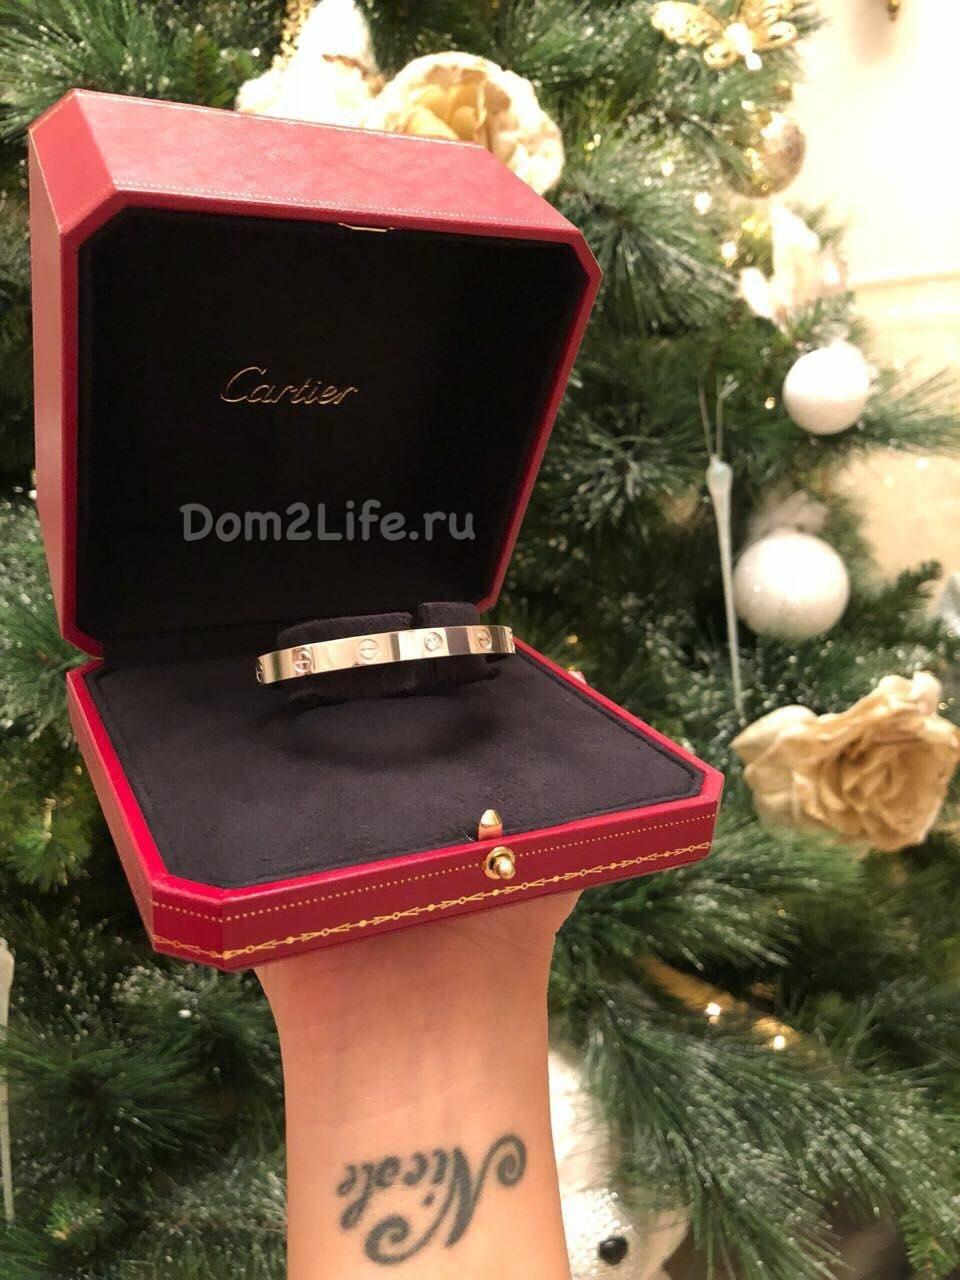 Бойфренд подарил Катета бриллиантовый браслетФото: Архив сайта Dom2Life.ru